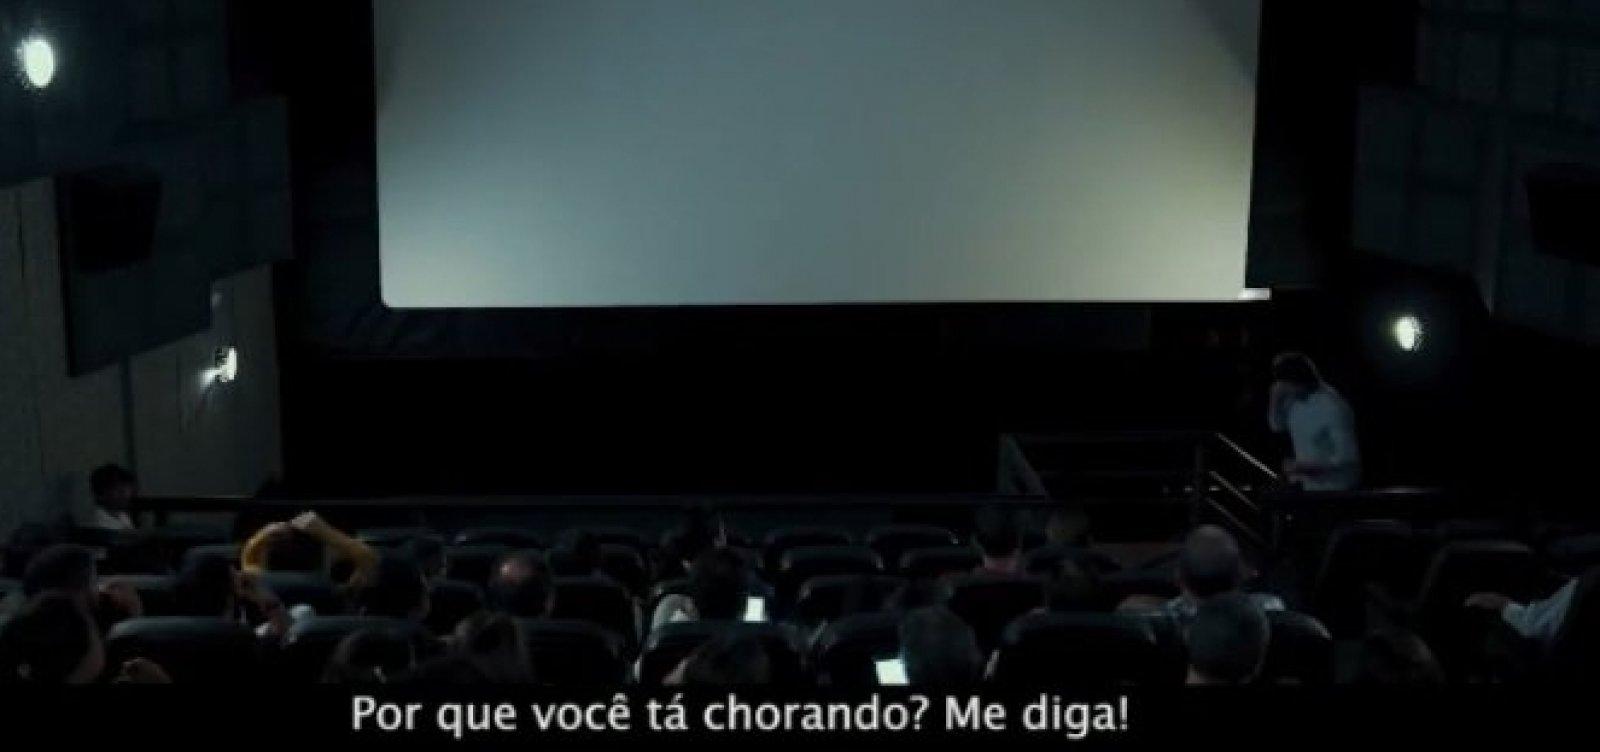 [Em sala de cinema, homem bate boca com filho sobre masculinidade; veja vídeo]